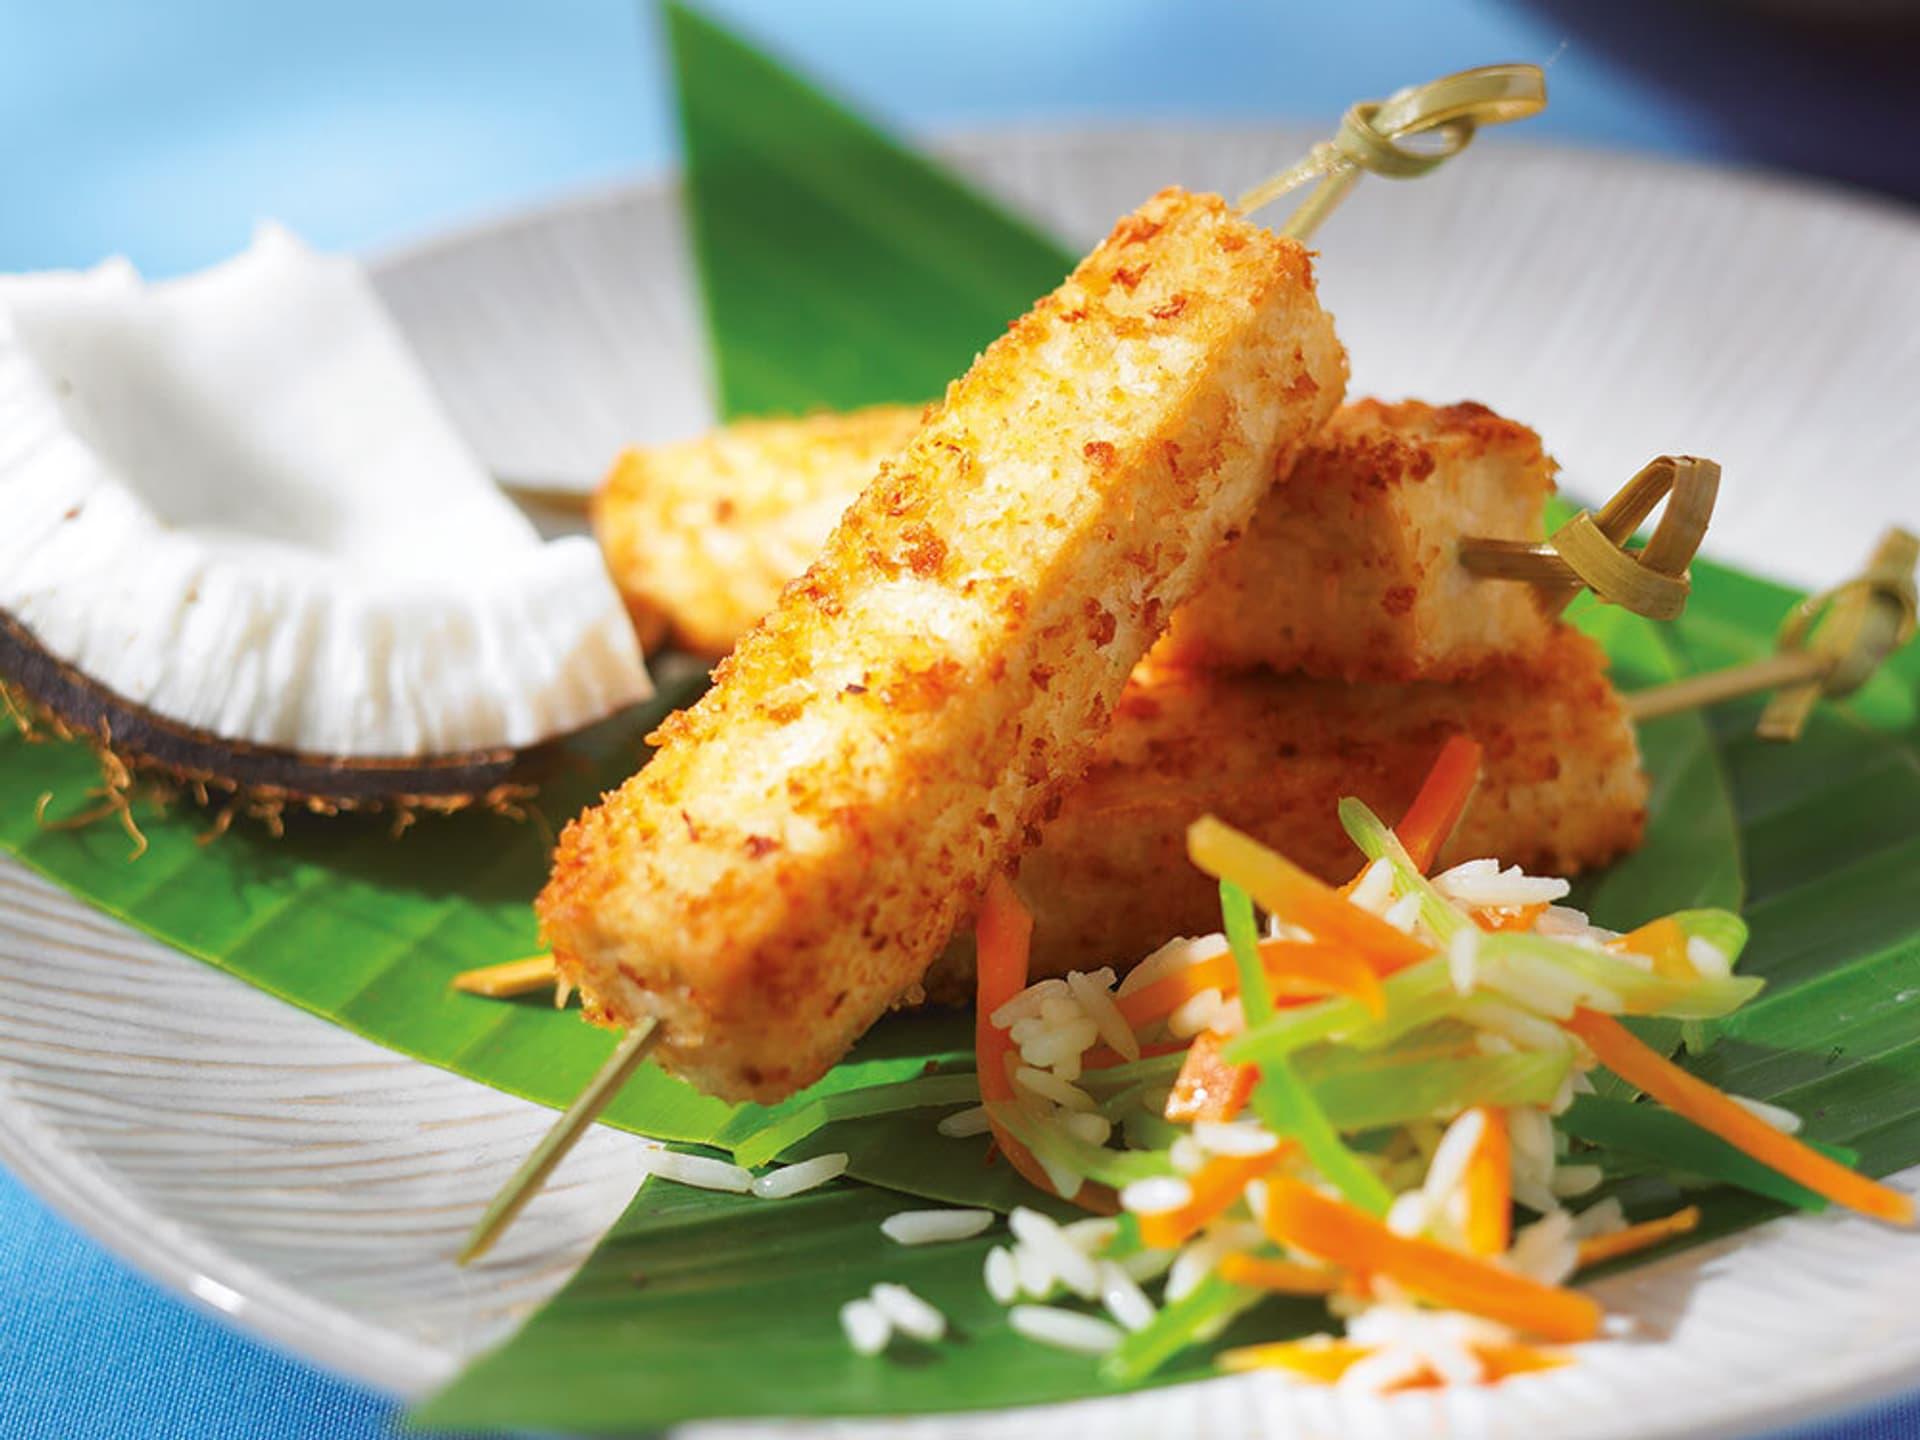 Tofu-Kokosstäbchen auf einem Teller